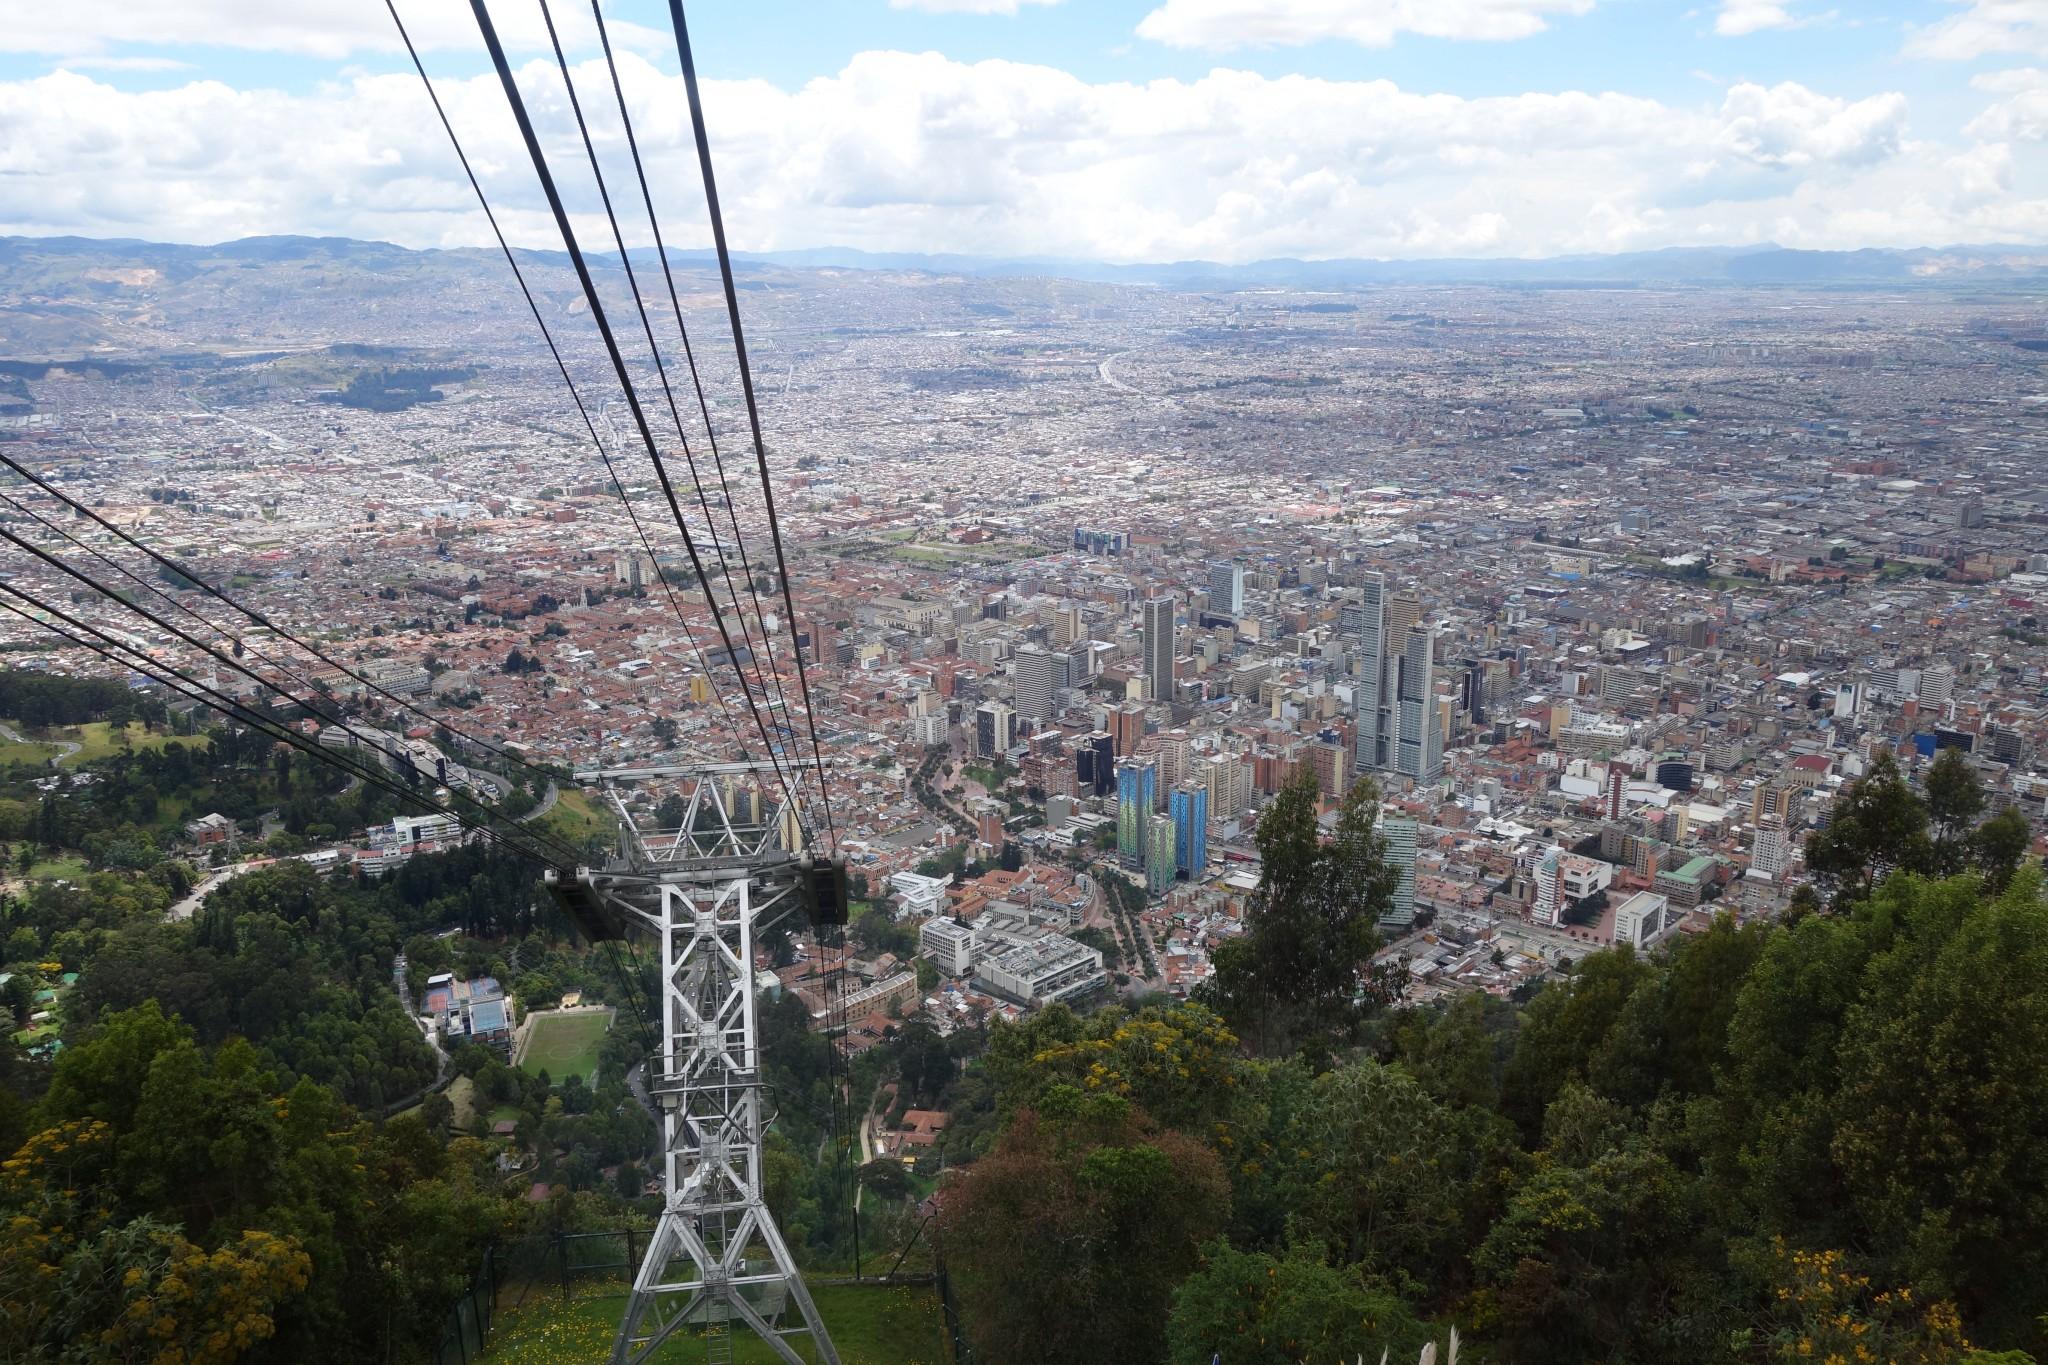 Aussicht vom Berg Monserrate in Bogota